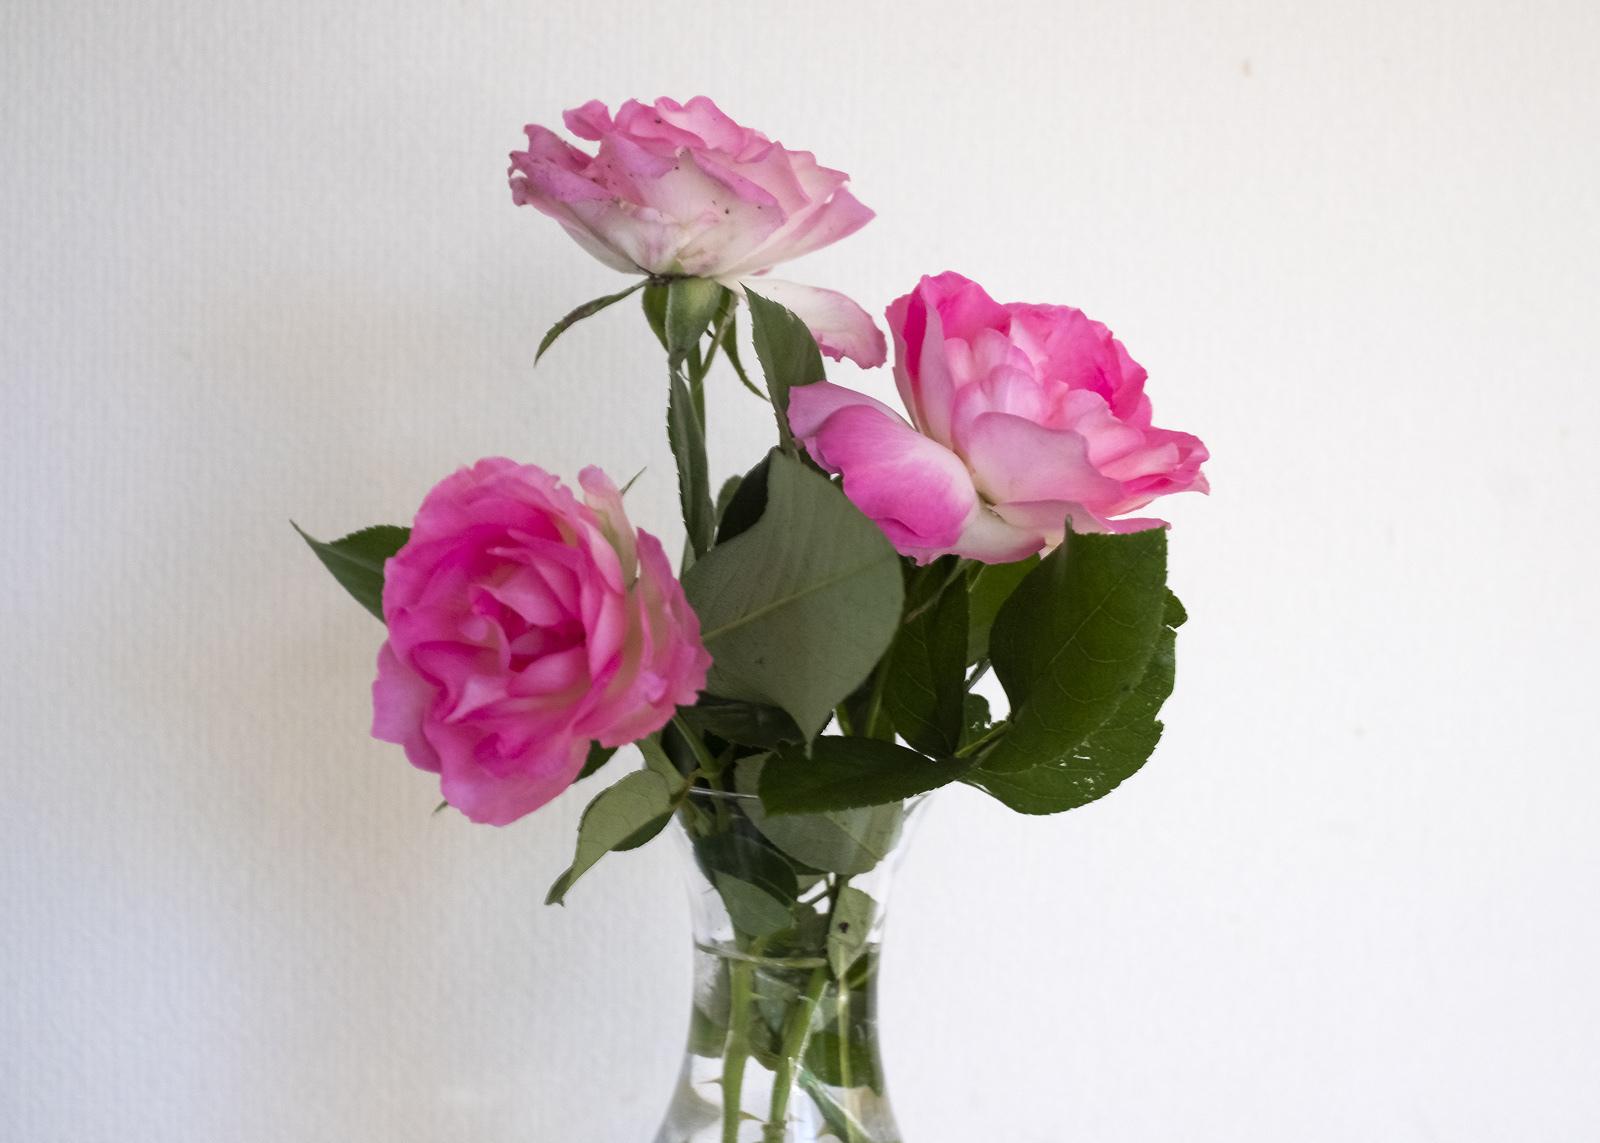 日陰に咲く花と画像容量(笑)_e0367501_12282842.jpg